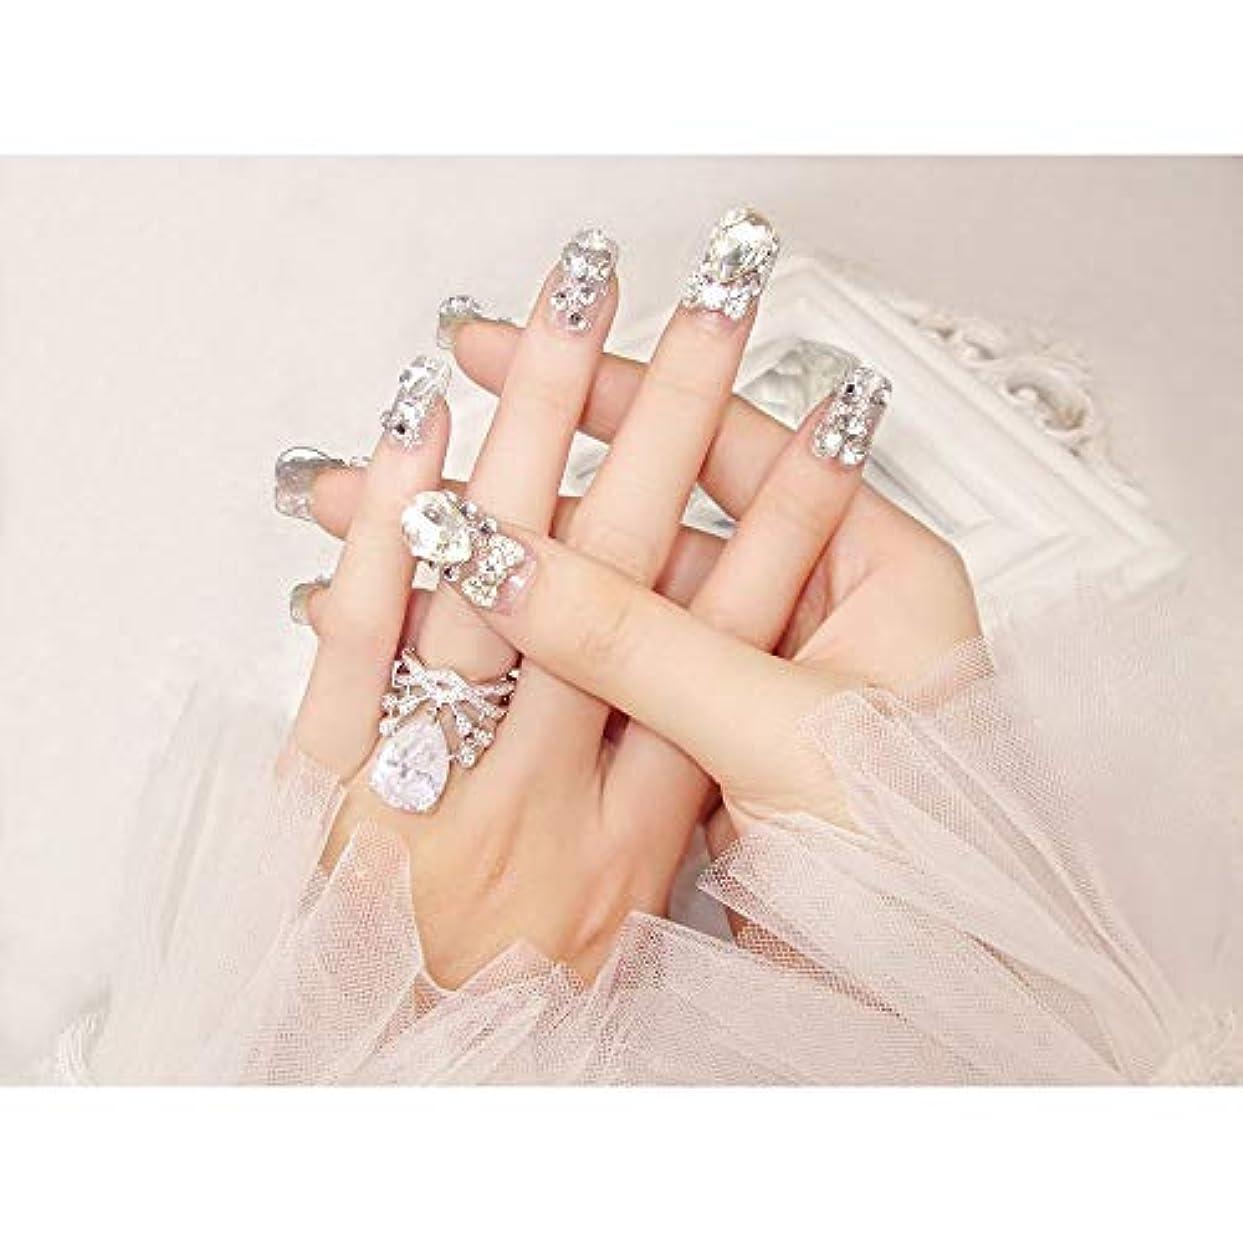 鎮静剤クマノミ好きであるTAALESET 完成した偽の釘24ピース箱入り花嫁シャイニー偽の爪の宝石ダイヤモンドの宝石ブライダルネイルステッカー (色 : 24 pieces)